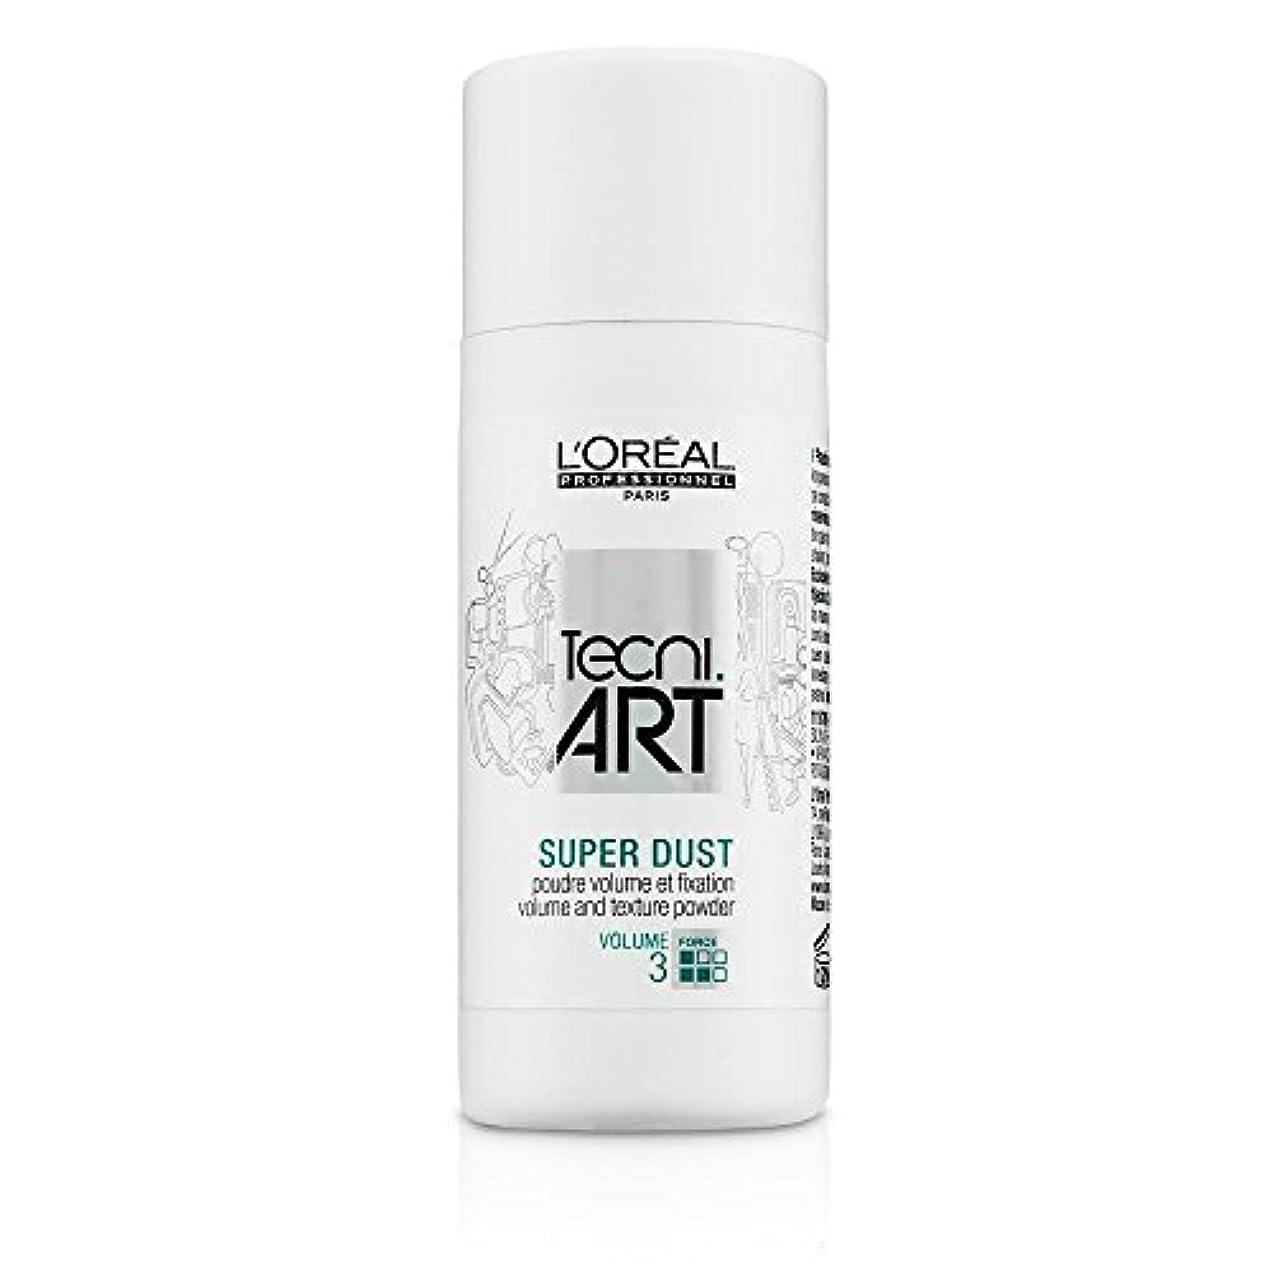 奇跡的なブロッサム塩辛いL'Oreal Tecni Art Super Dust - Volume And Texture Powder 7g [並行輸入品]